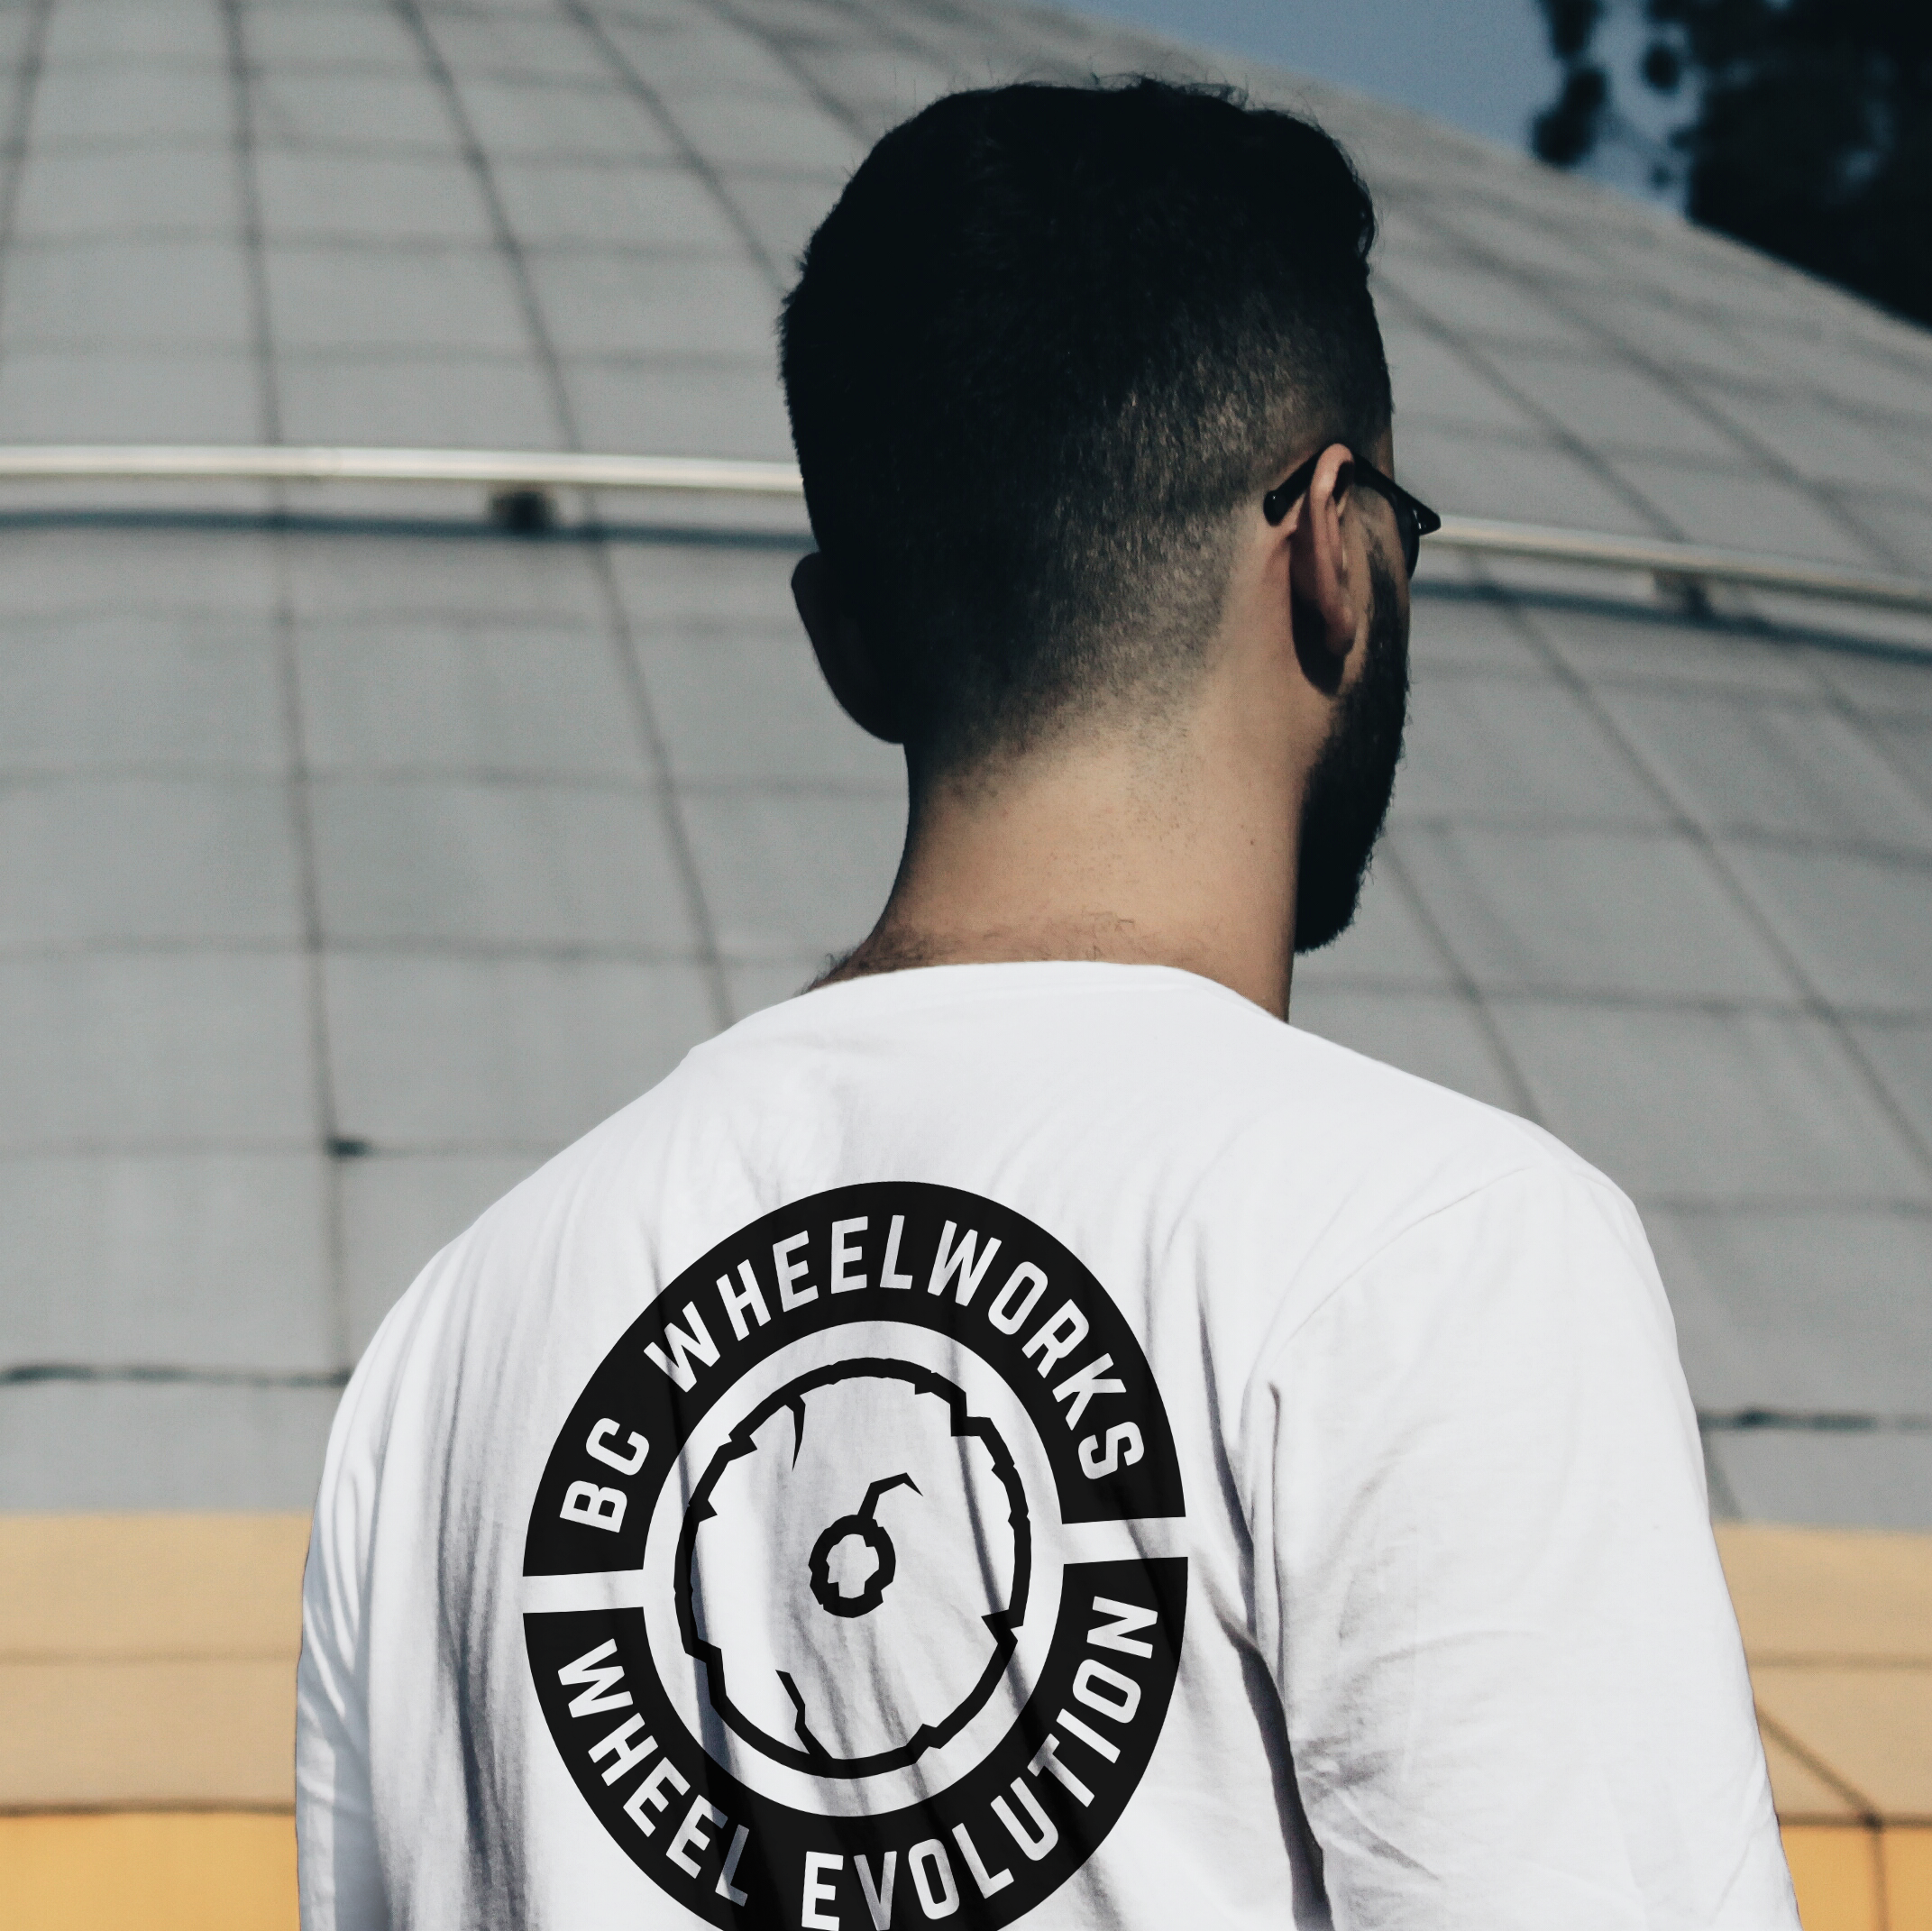 BC WheelWorks Tshirt Mockup